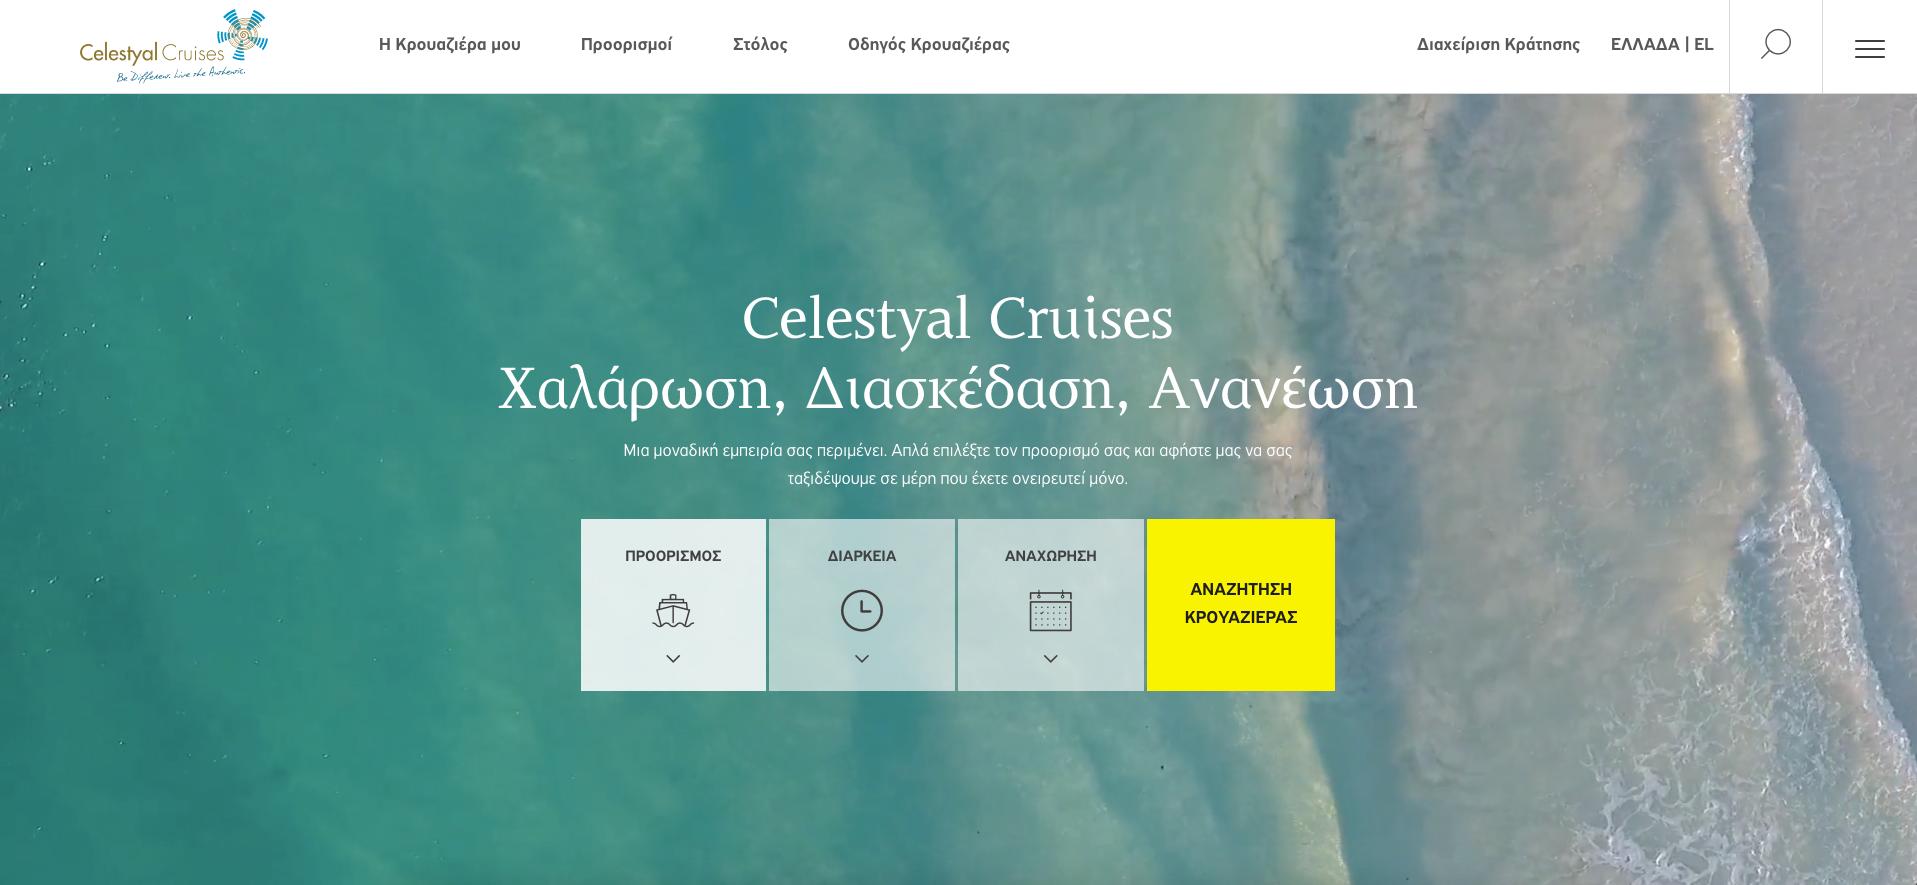 Η ανανεωμένη ιστοσελίδα της Celestyal Cruises